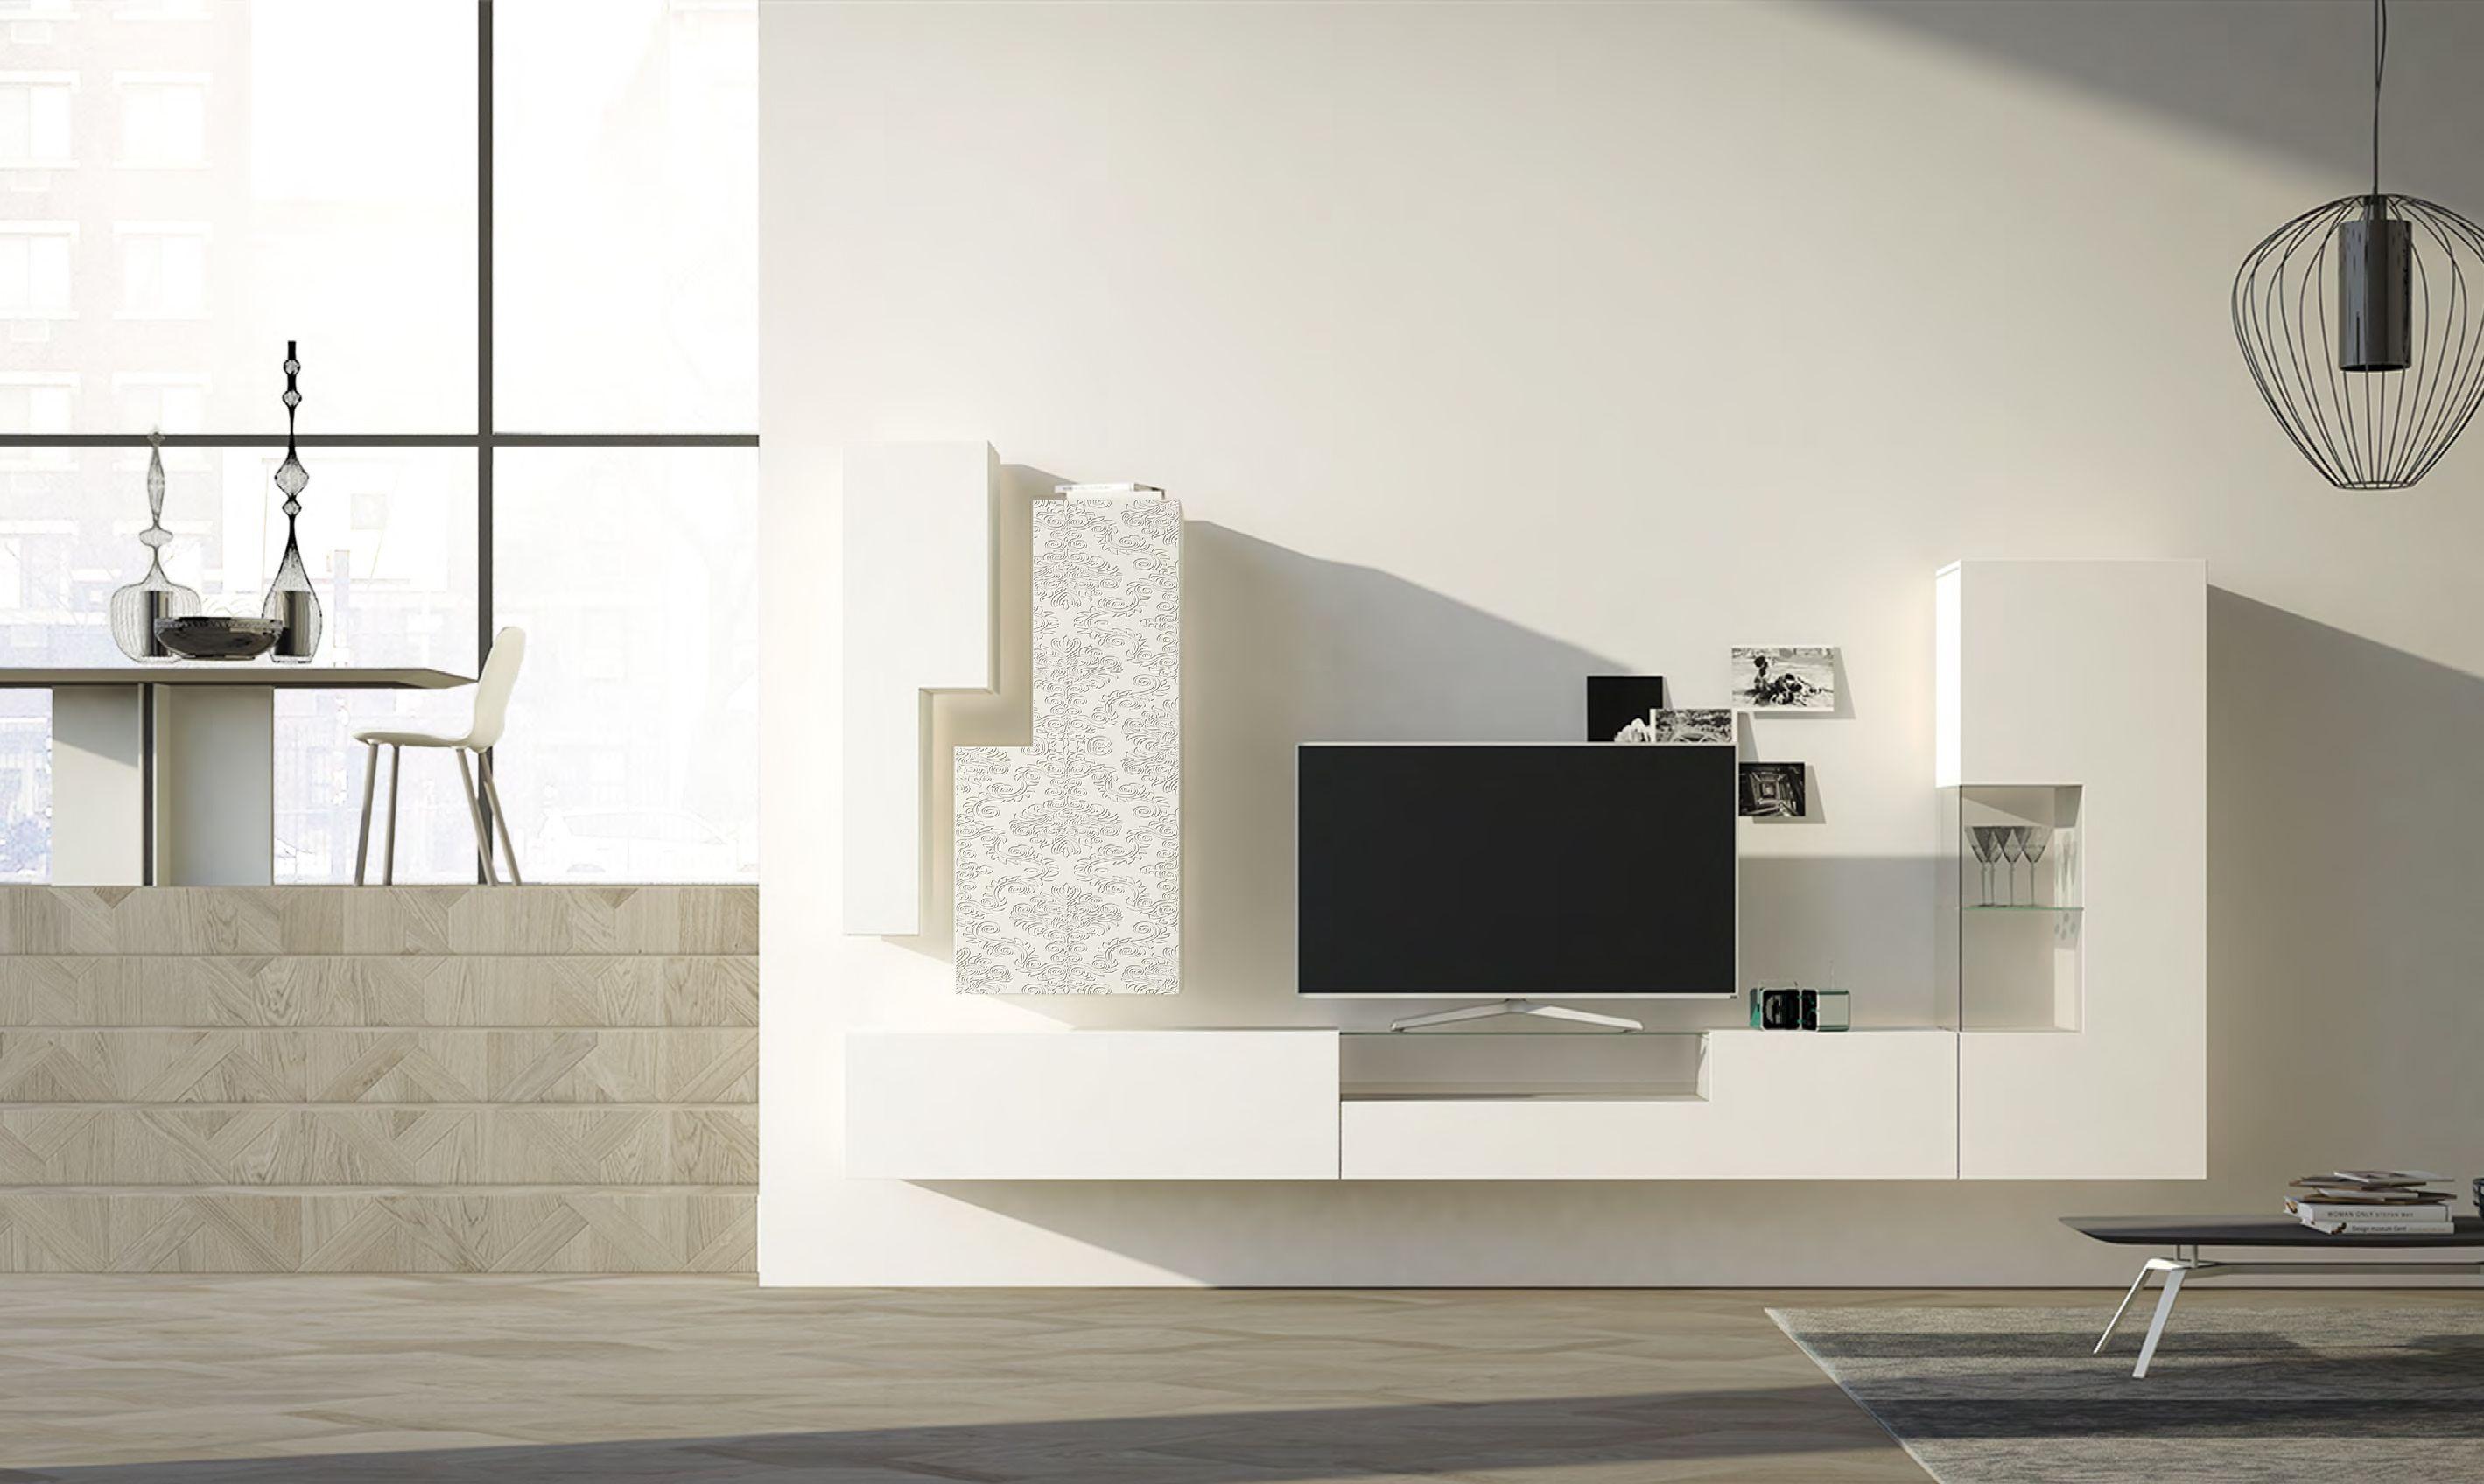 Credenza A Muro Moderna : Parete attrezzata componibile moderna bianca con decorazioni